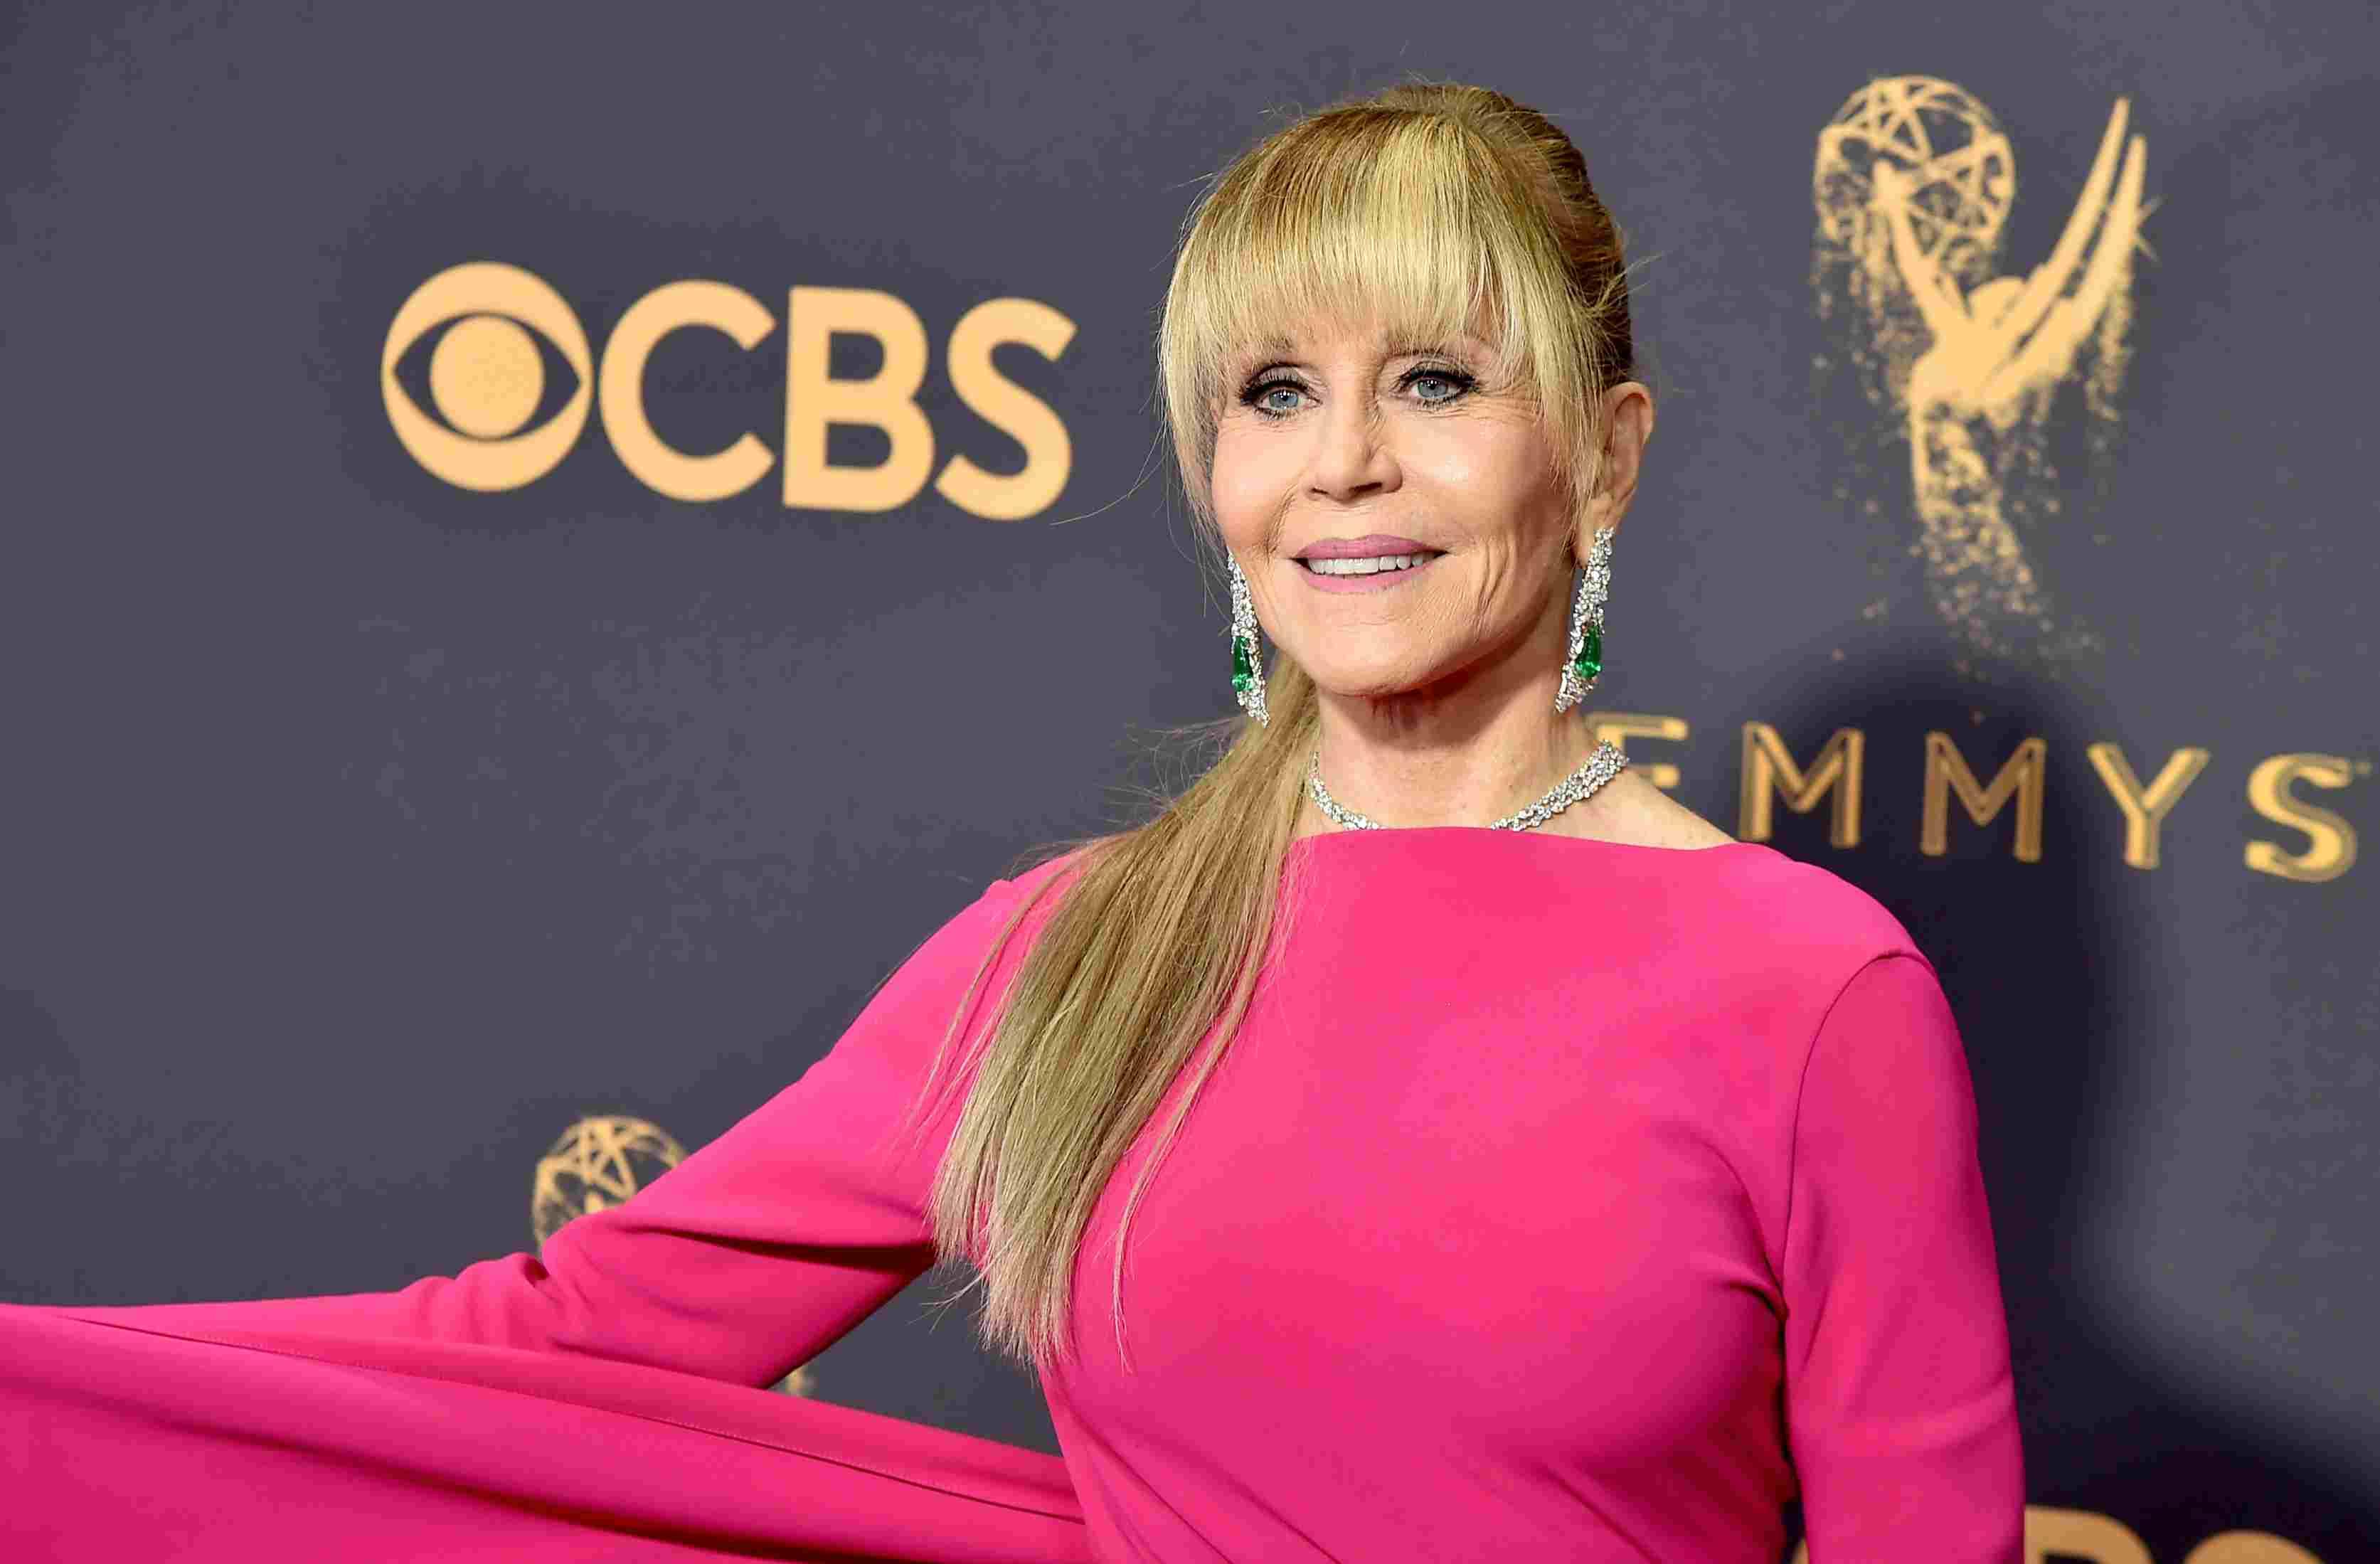 La talentosa actriz de Hollywood sigue siendo referencia por su éxito en el mundo del espectáculo y su trabajo humanitario durante su carrera artística